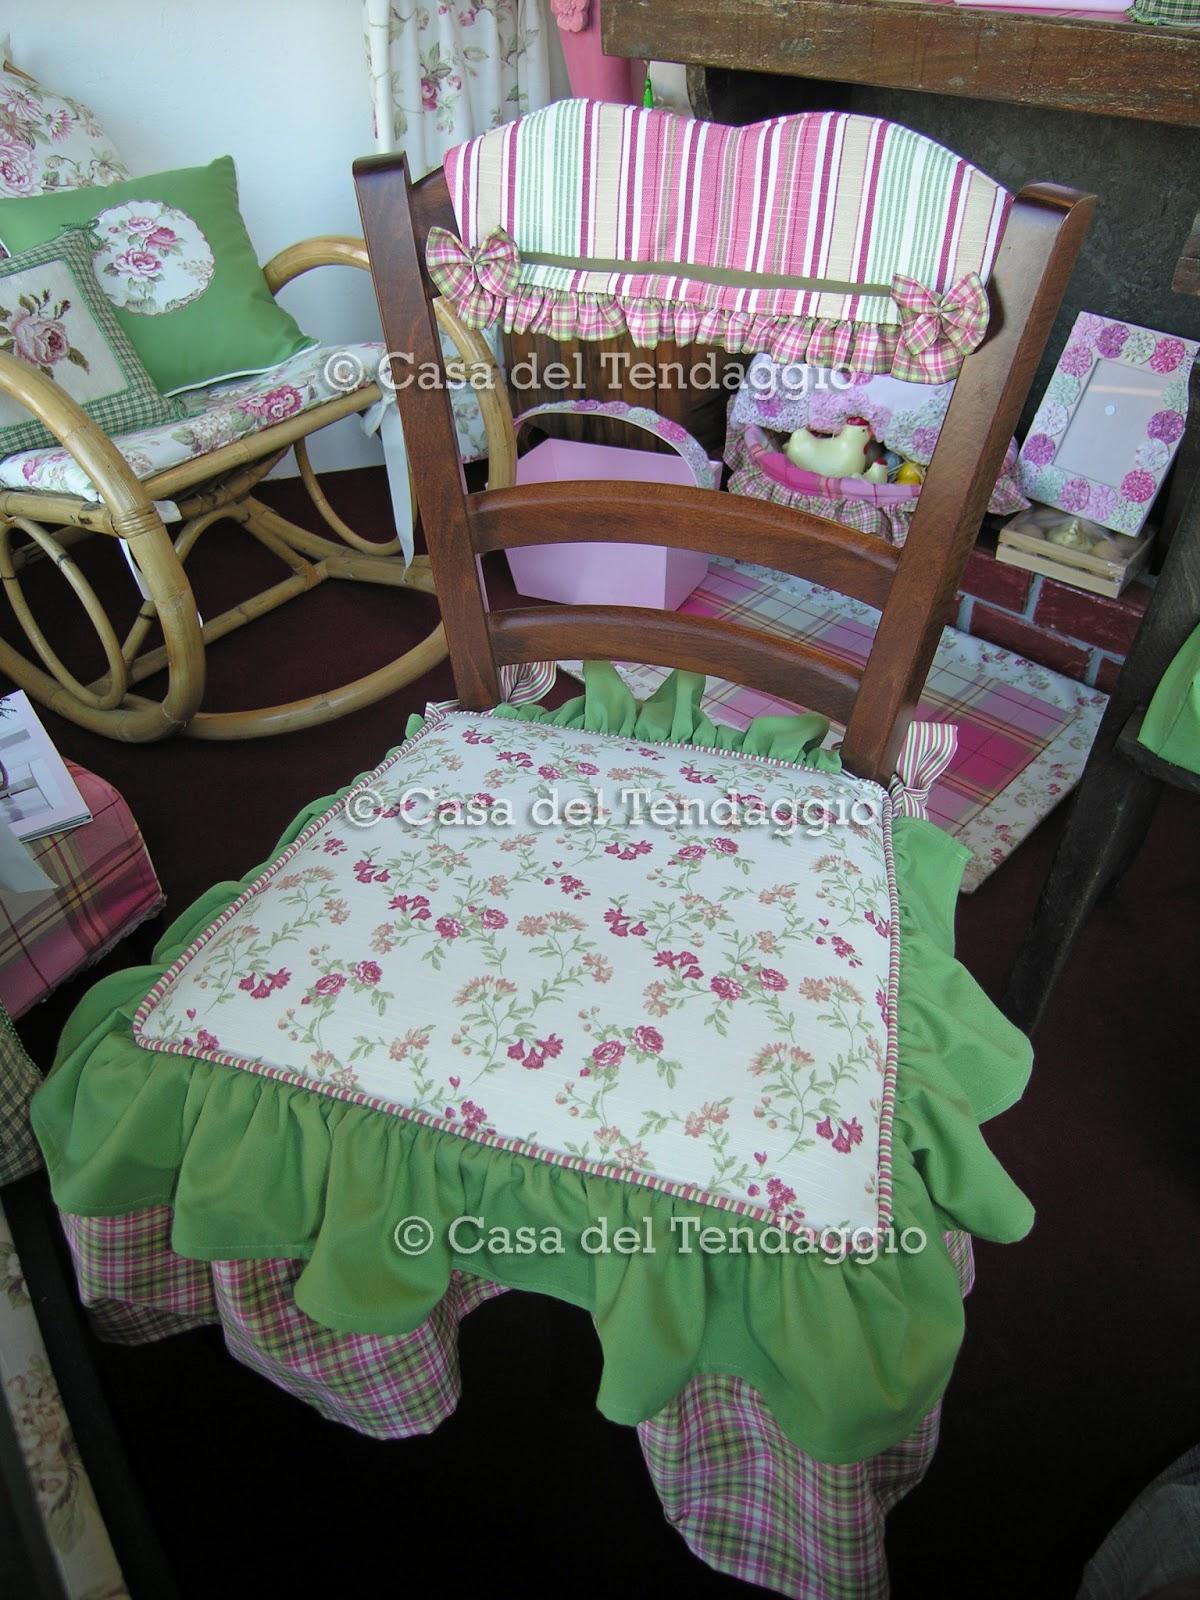 Cuscini per sedie tendenzialmente country - Coordinati cucina country ...